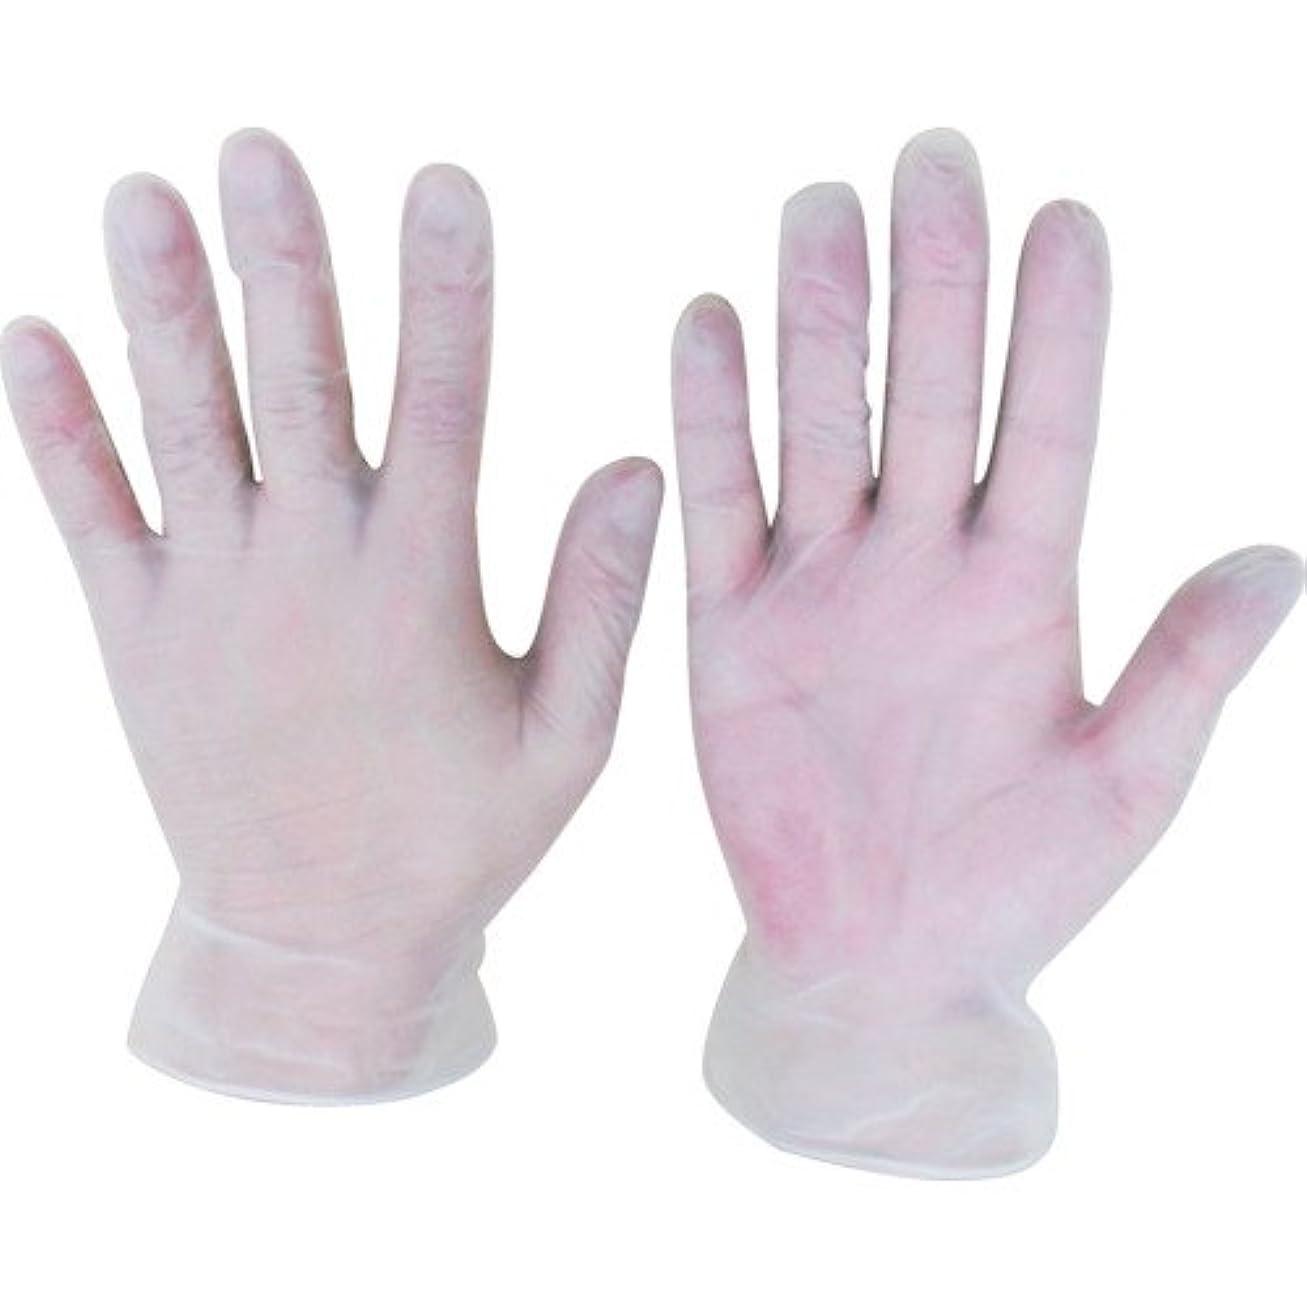 応じる要件然としたシンガー USプラスチック ディスポ手袋 201(100枚入)L